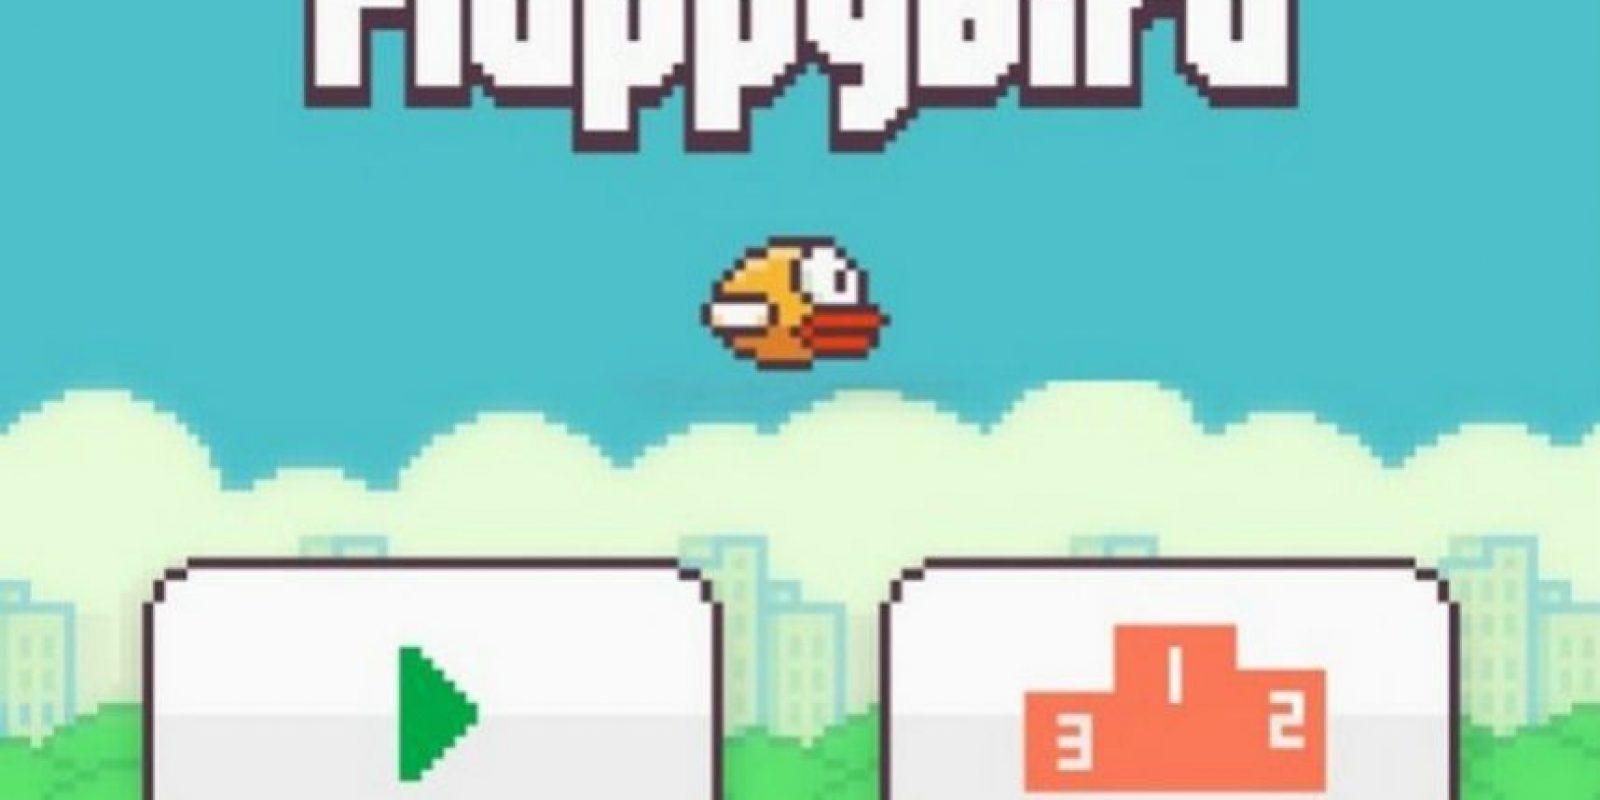 """""""Flappy Bird"""" fue uno de los juegos más populares de 2014. Foto:Twitter"""